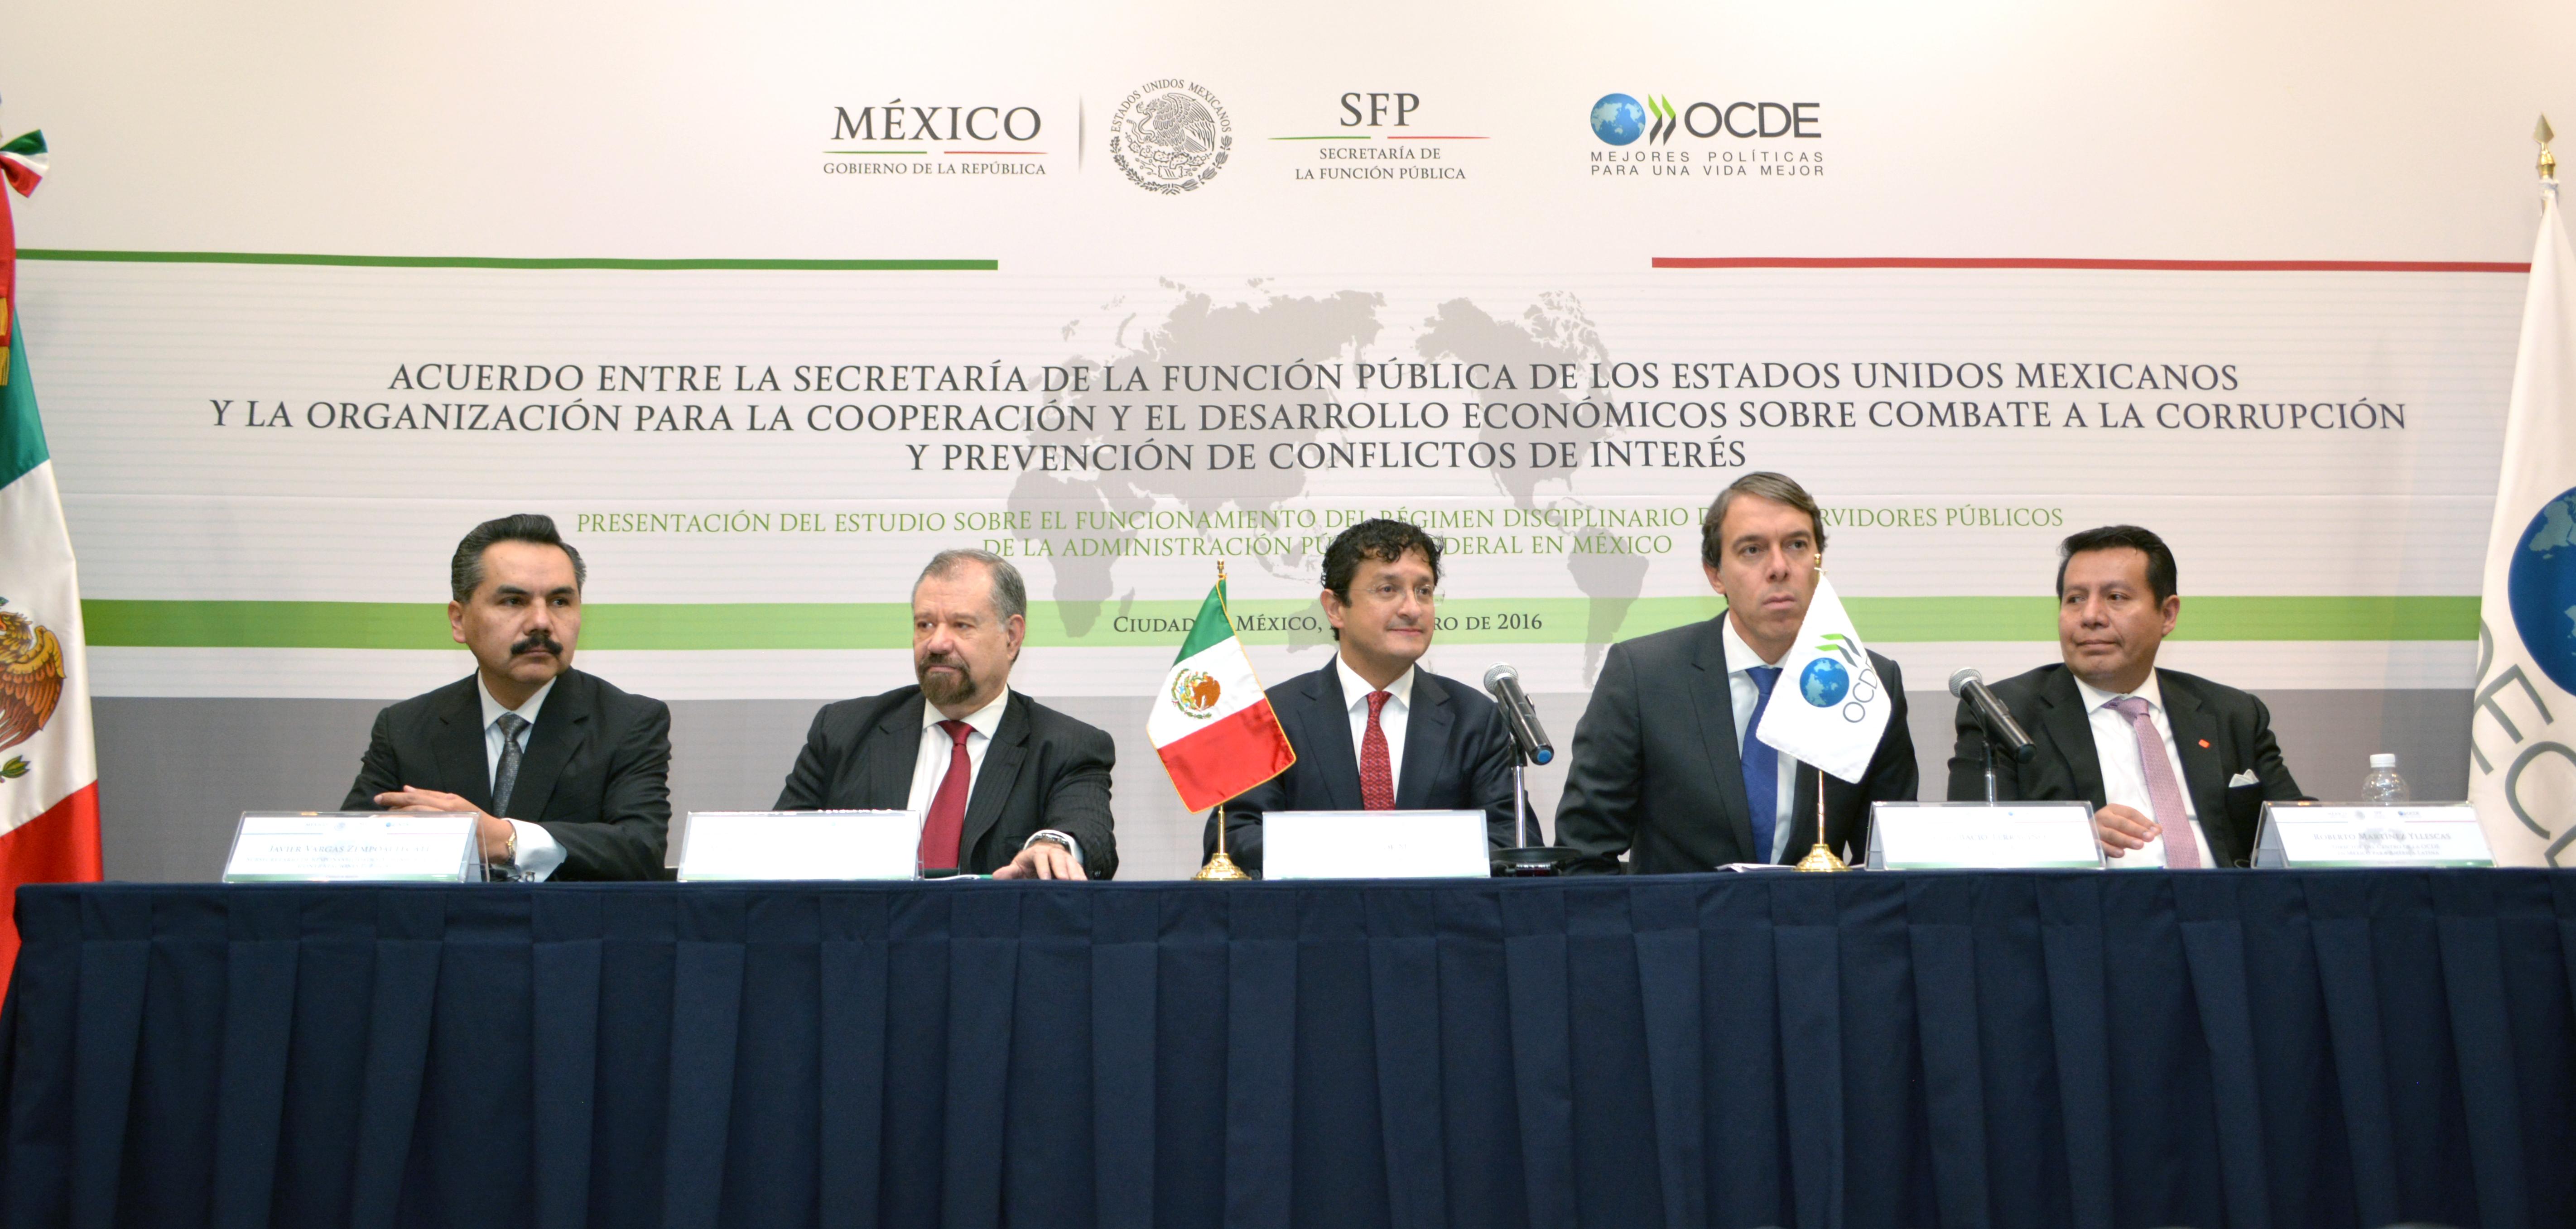 El Secretario Virgilio Andrade presente en la Conferencia Internacional en materia de Ética y prevención